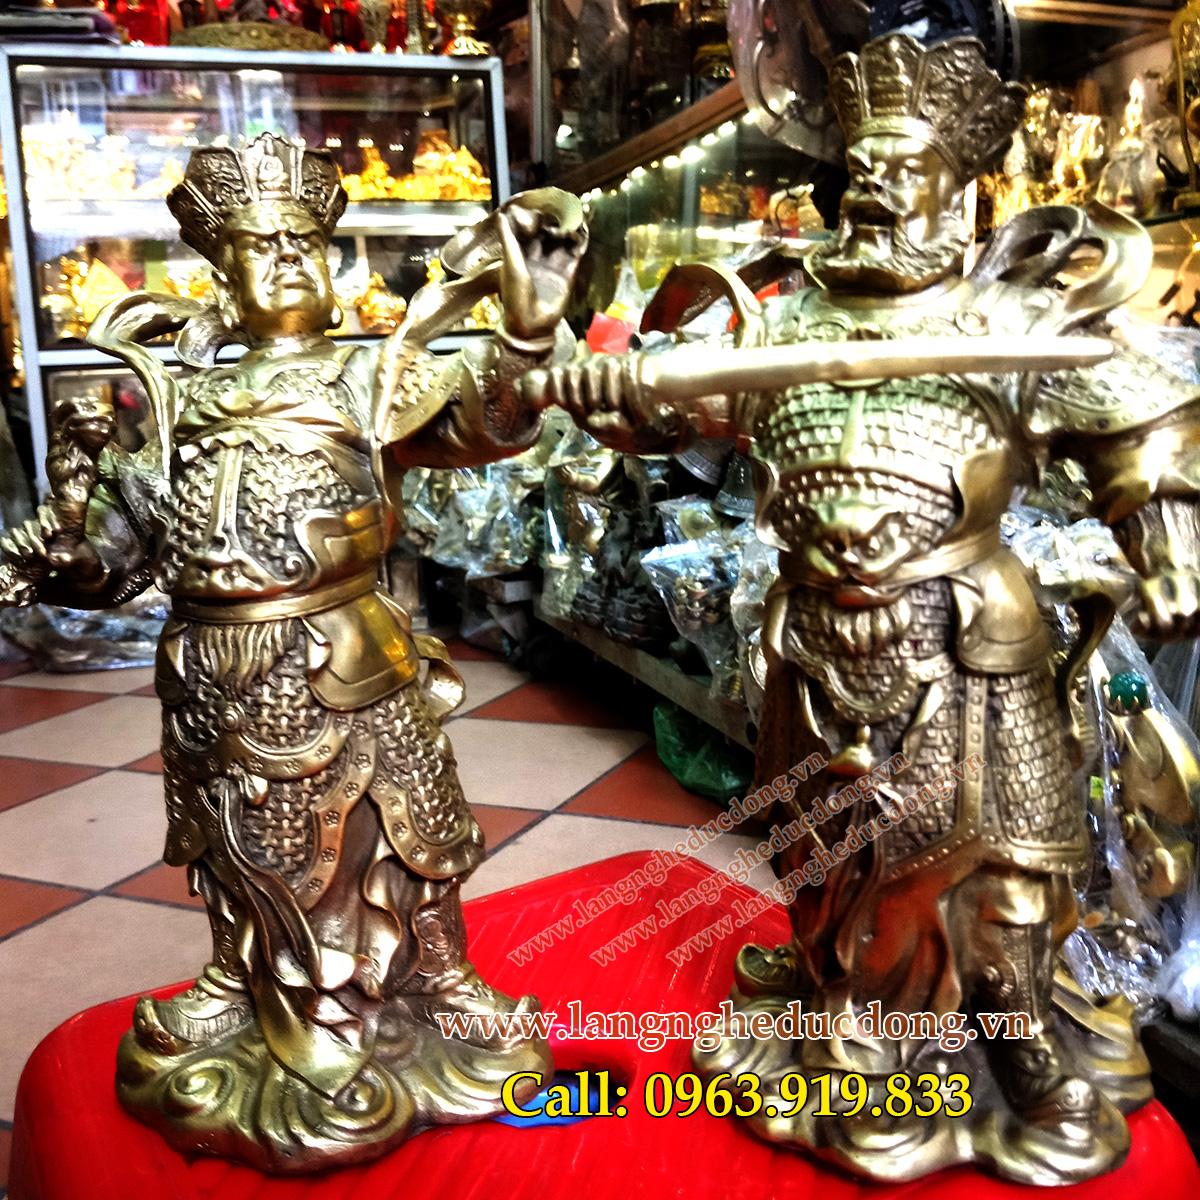 langngheducdong.vn - tượng đồng, tượng phật, tượng bằng đồng, đúc tượng đồng